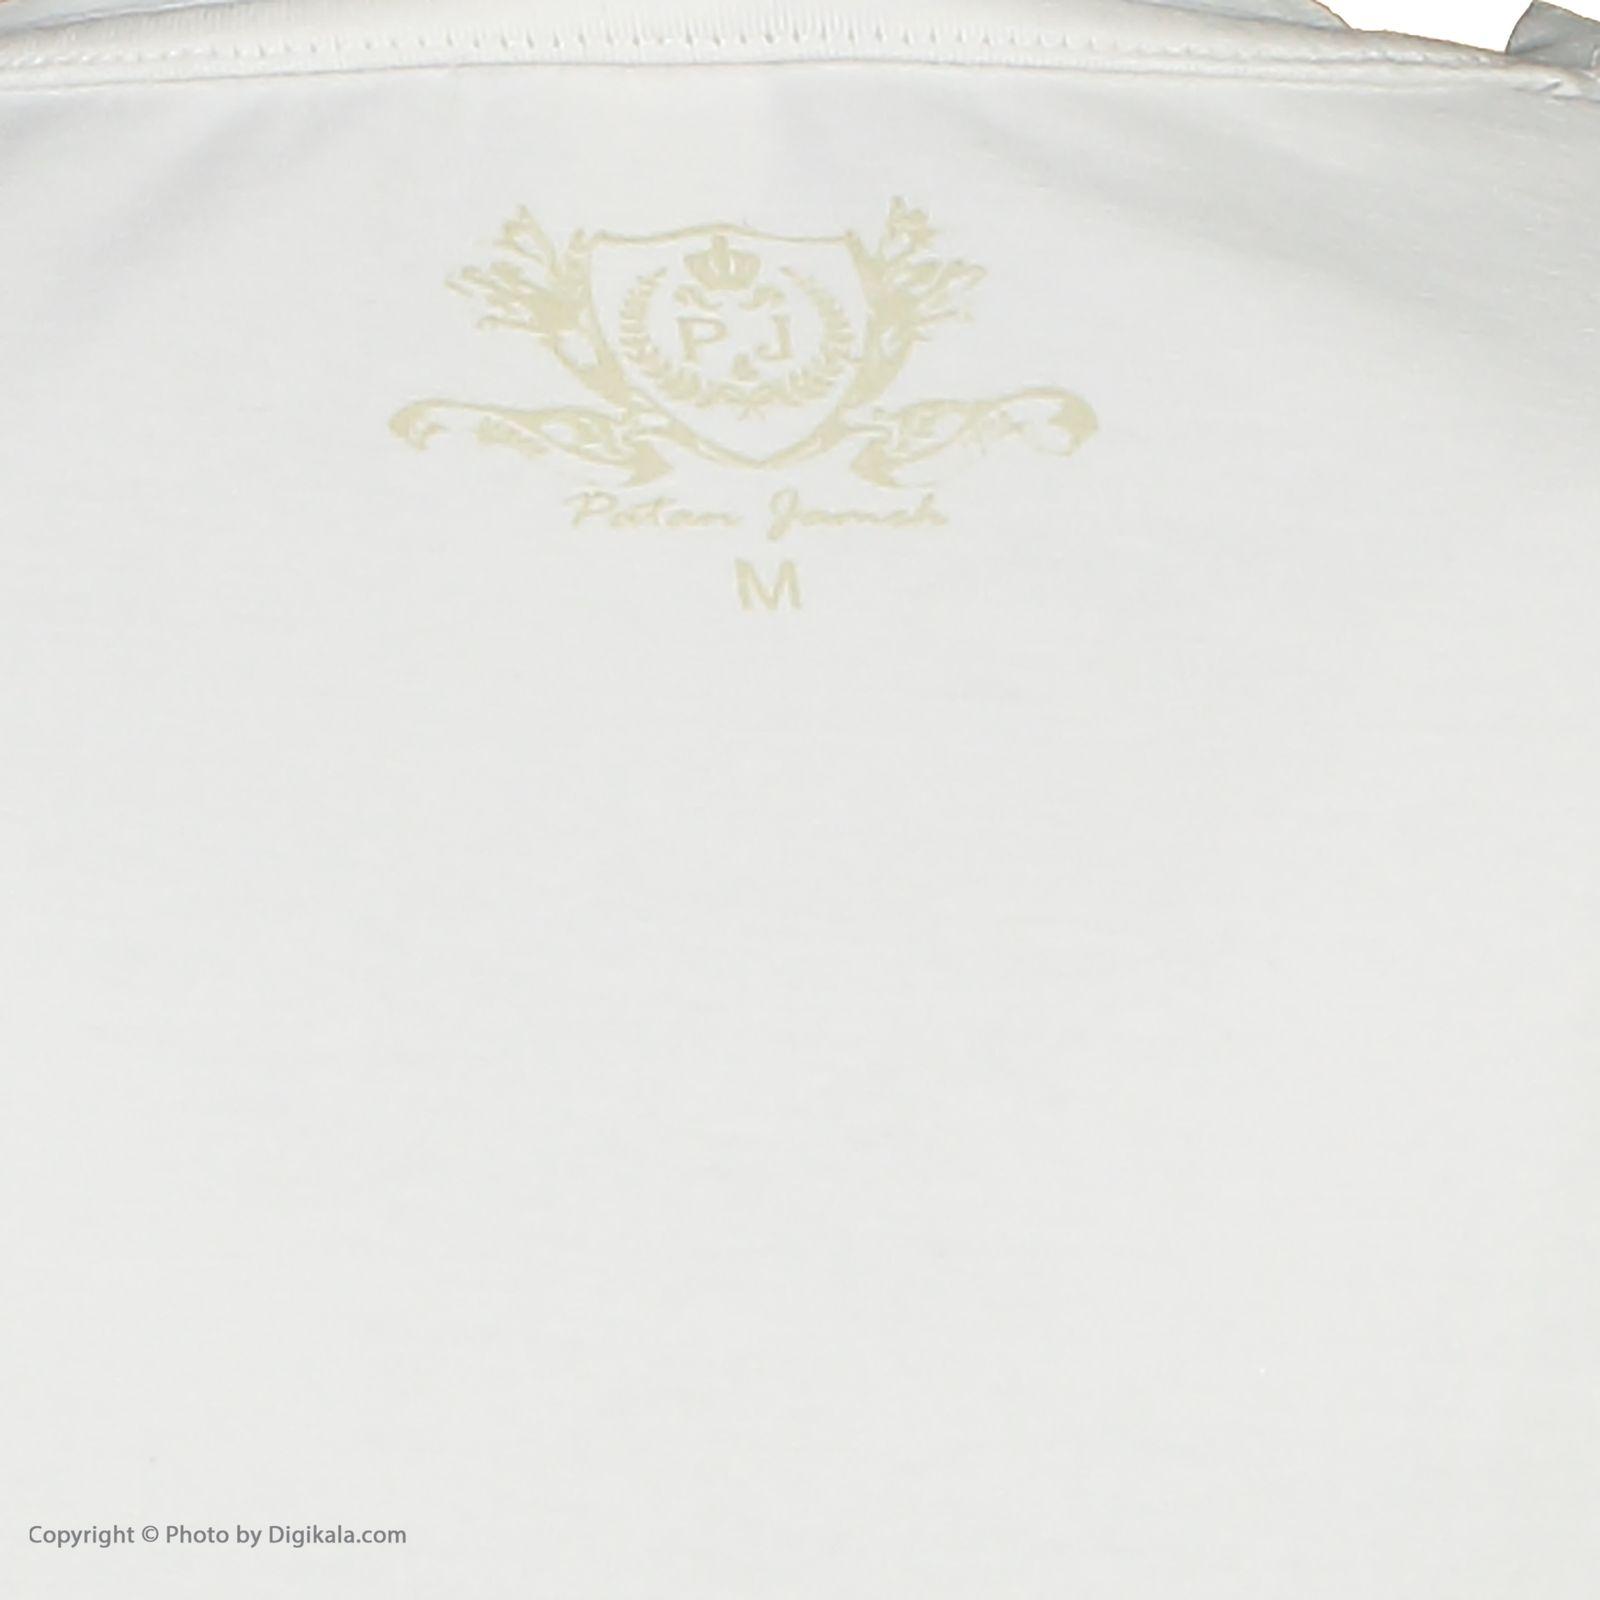 تی شرت مردانه پاتن جامه کد 99M5224 رنگ سفید -  - 5